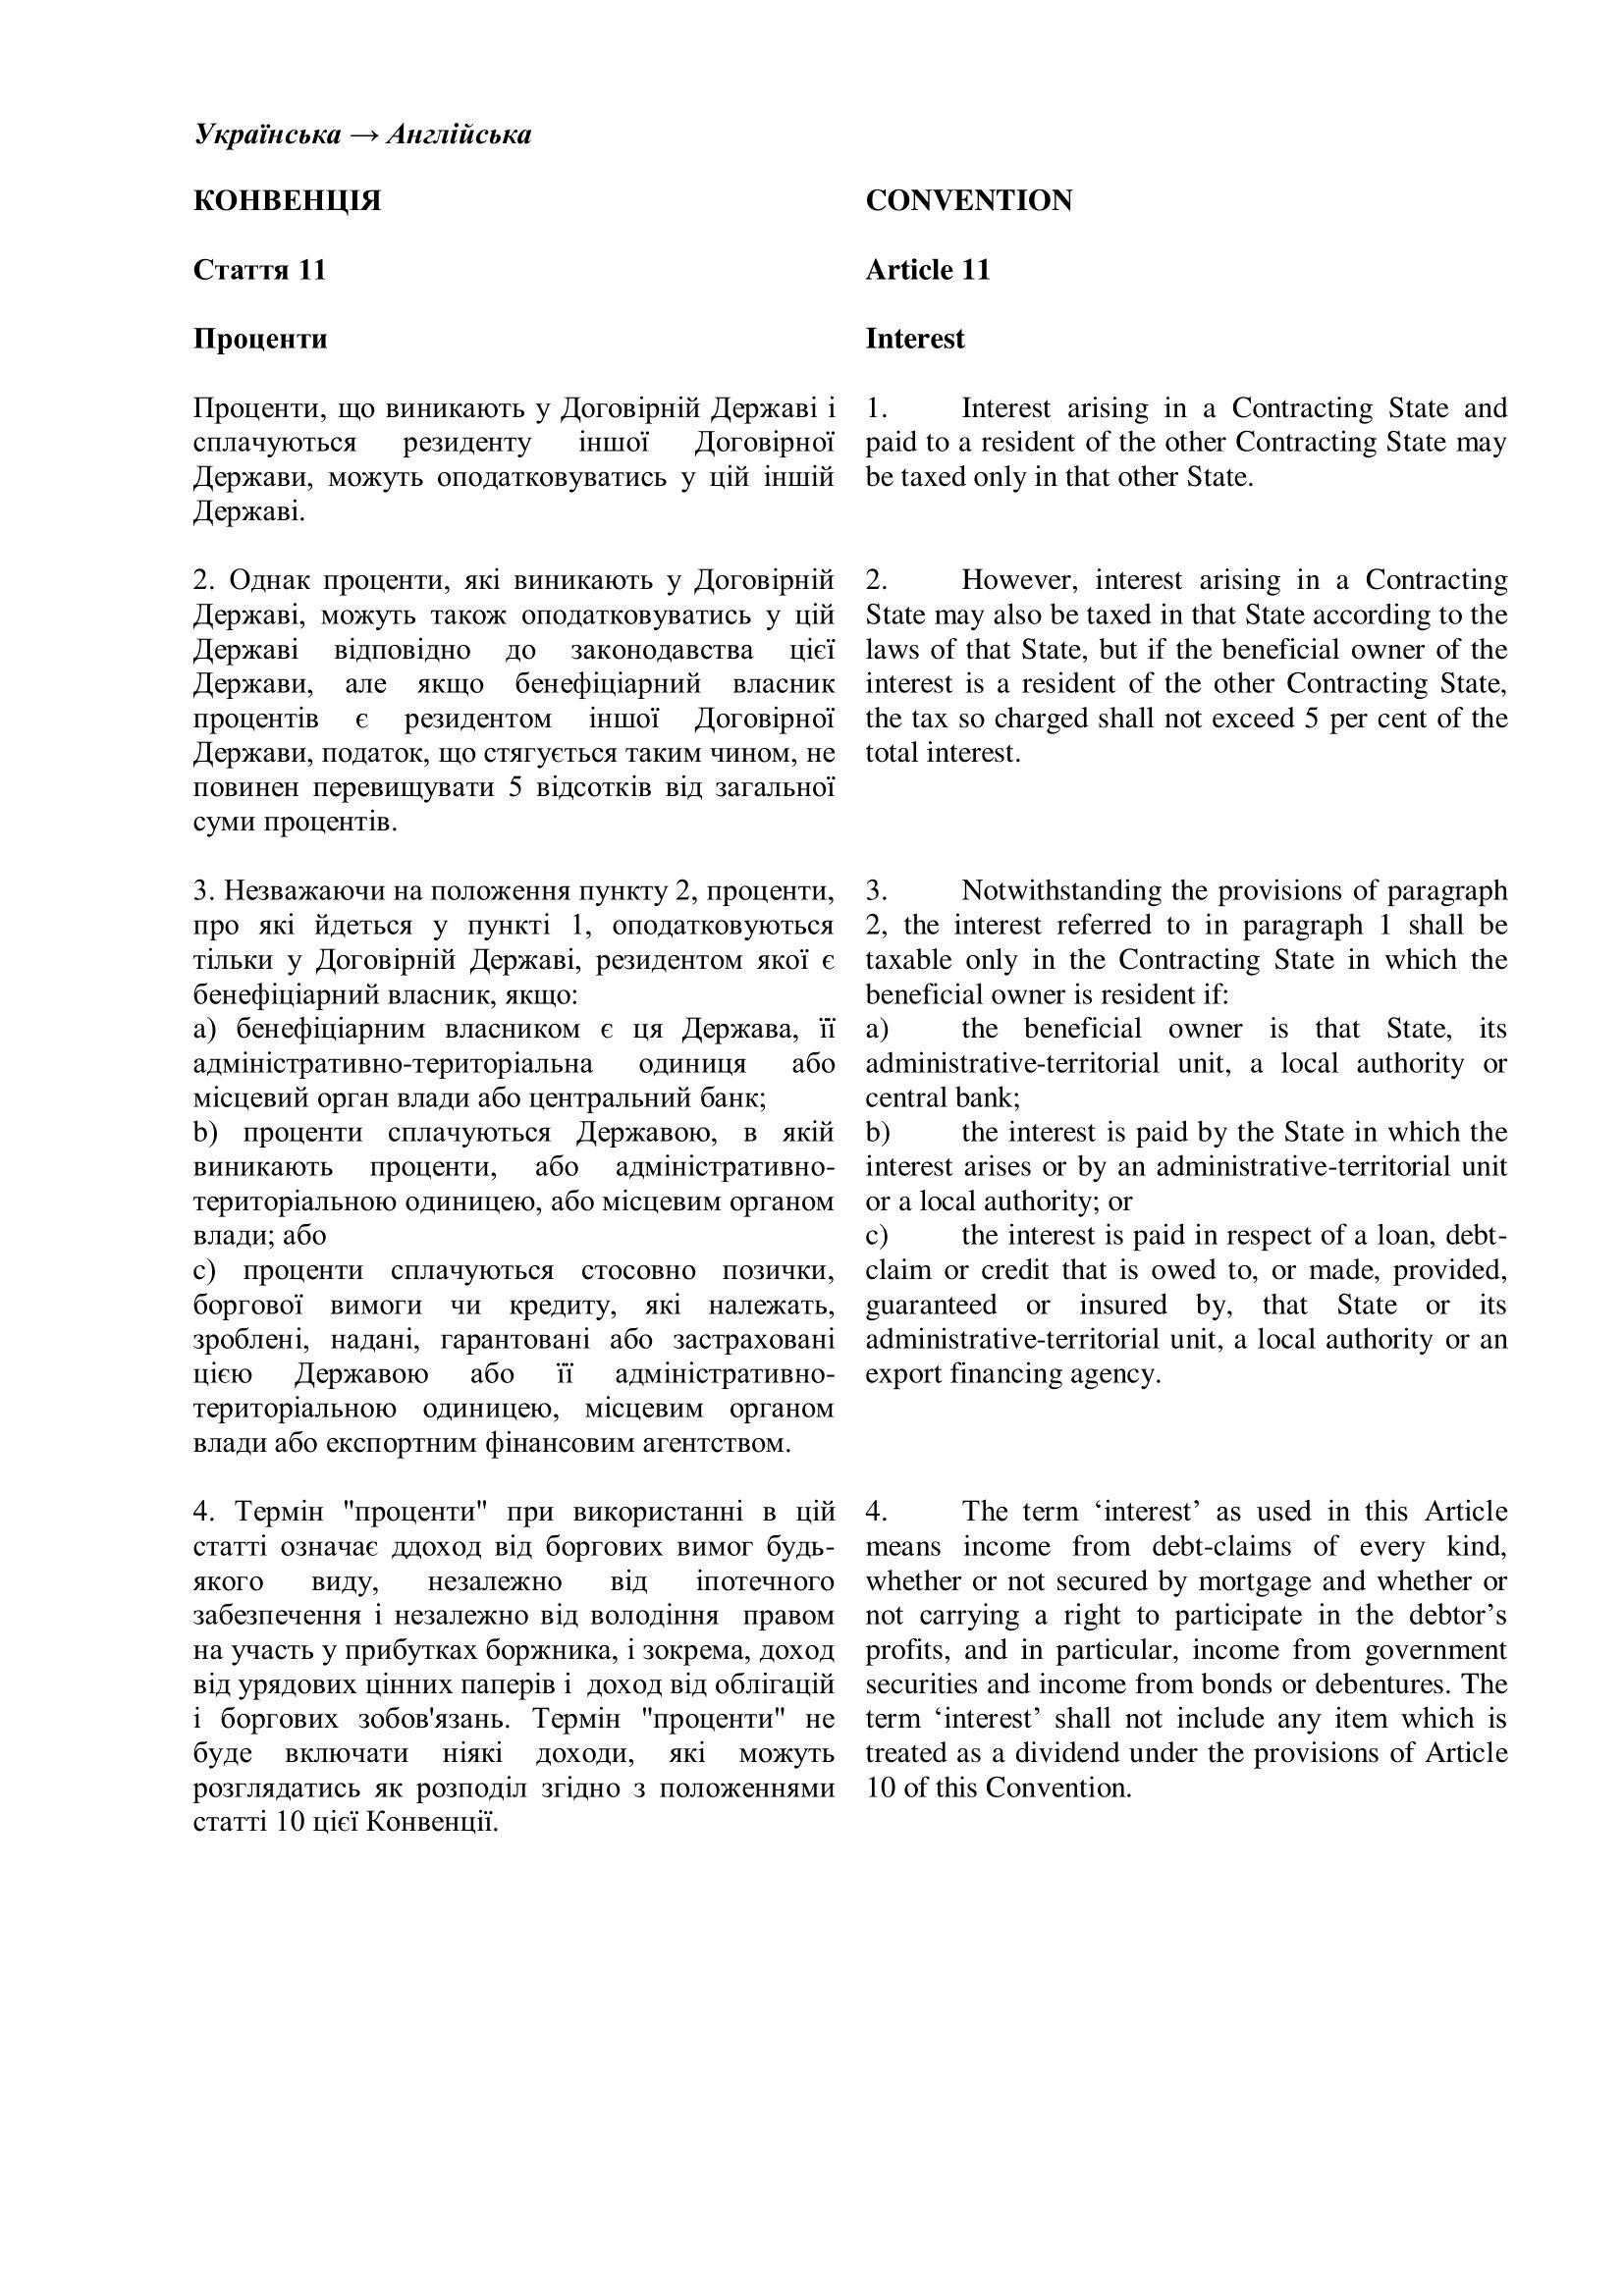 Фото Перевод Конвенции с украинского на английский